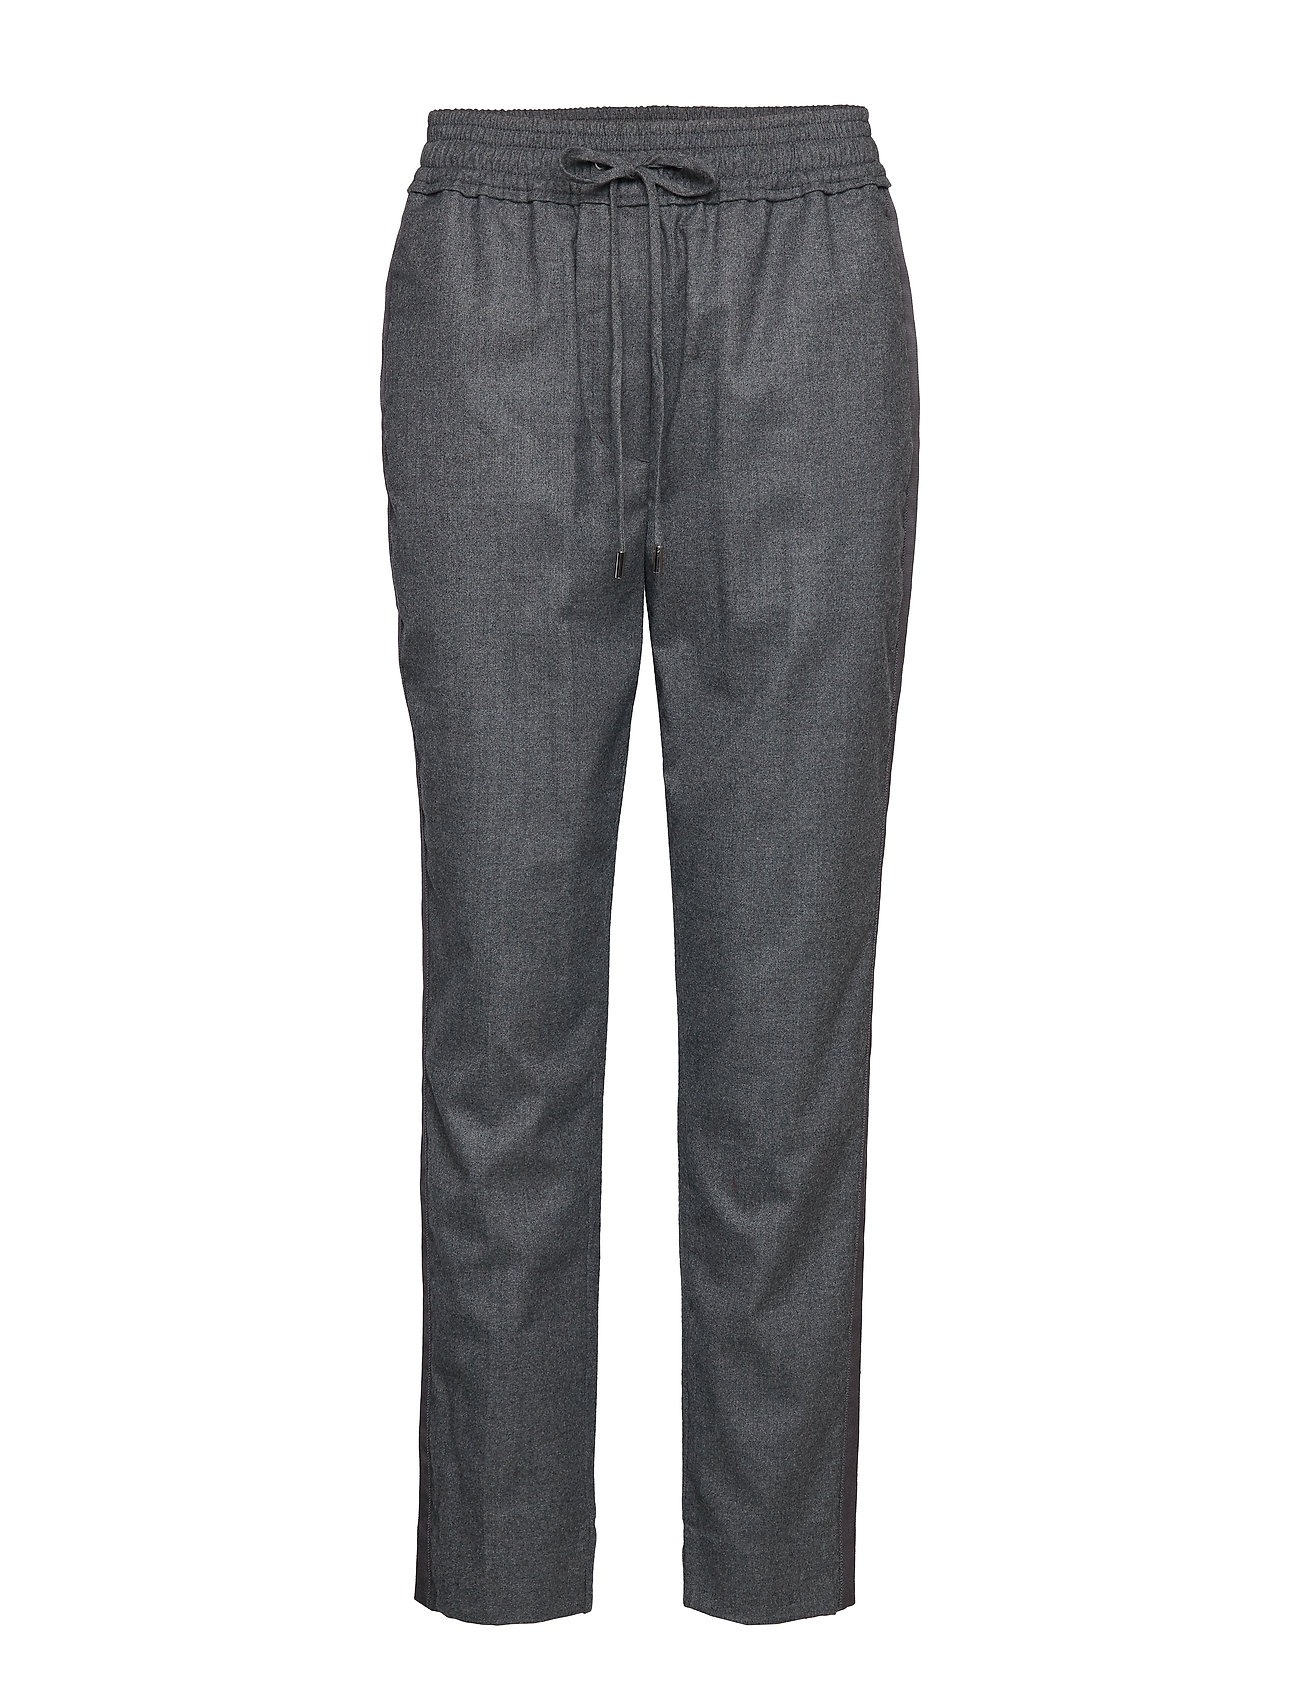 Image of Track Pant W Side Stripe Bukser Med Lige Ben Grå 3.1 PHILLIP LIM (3194145507)